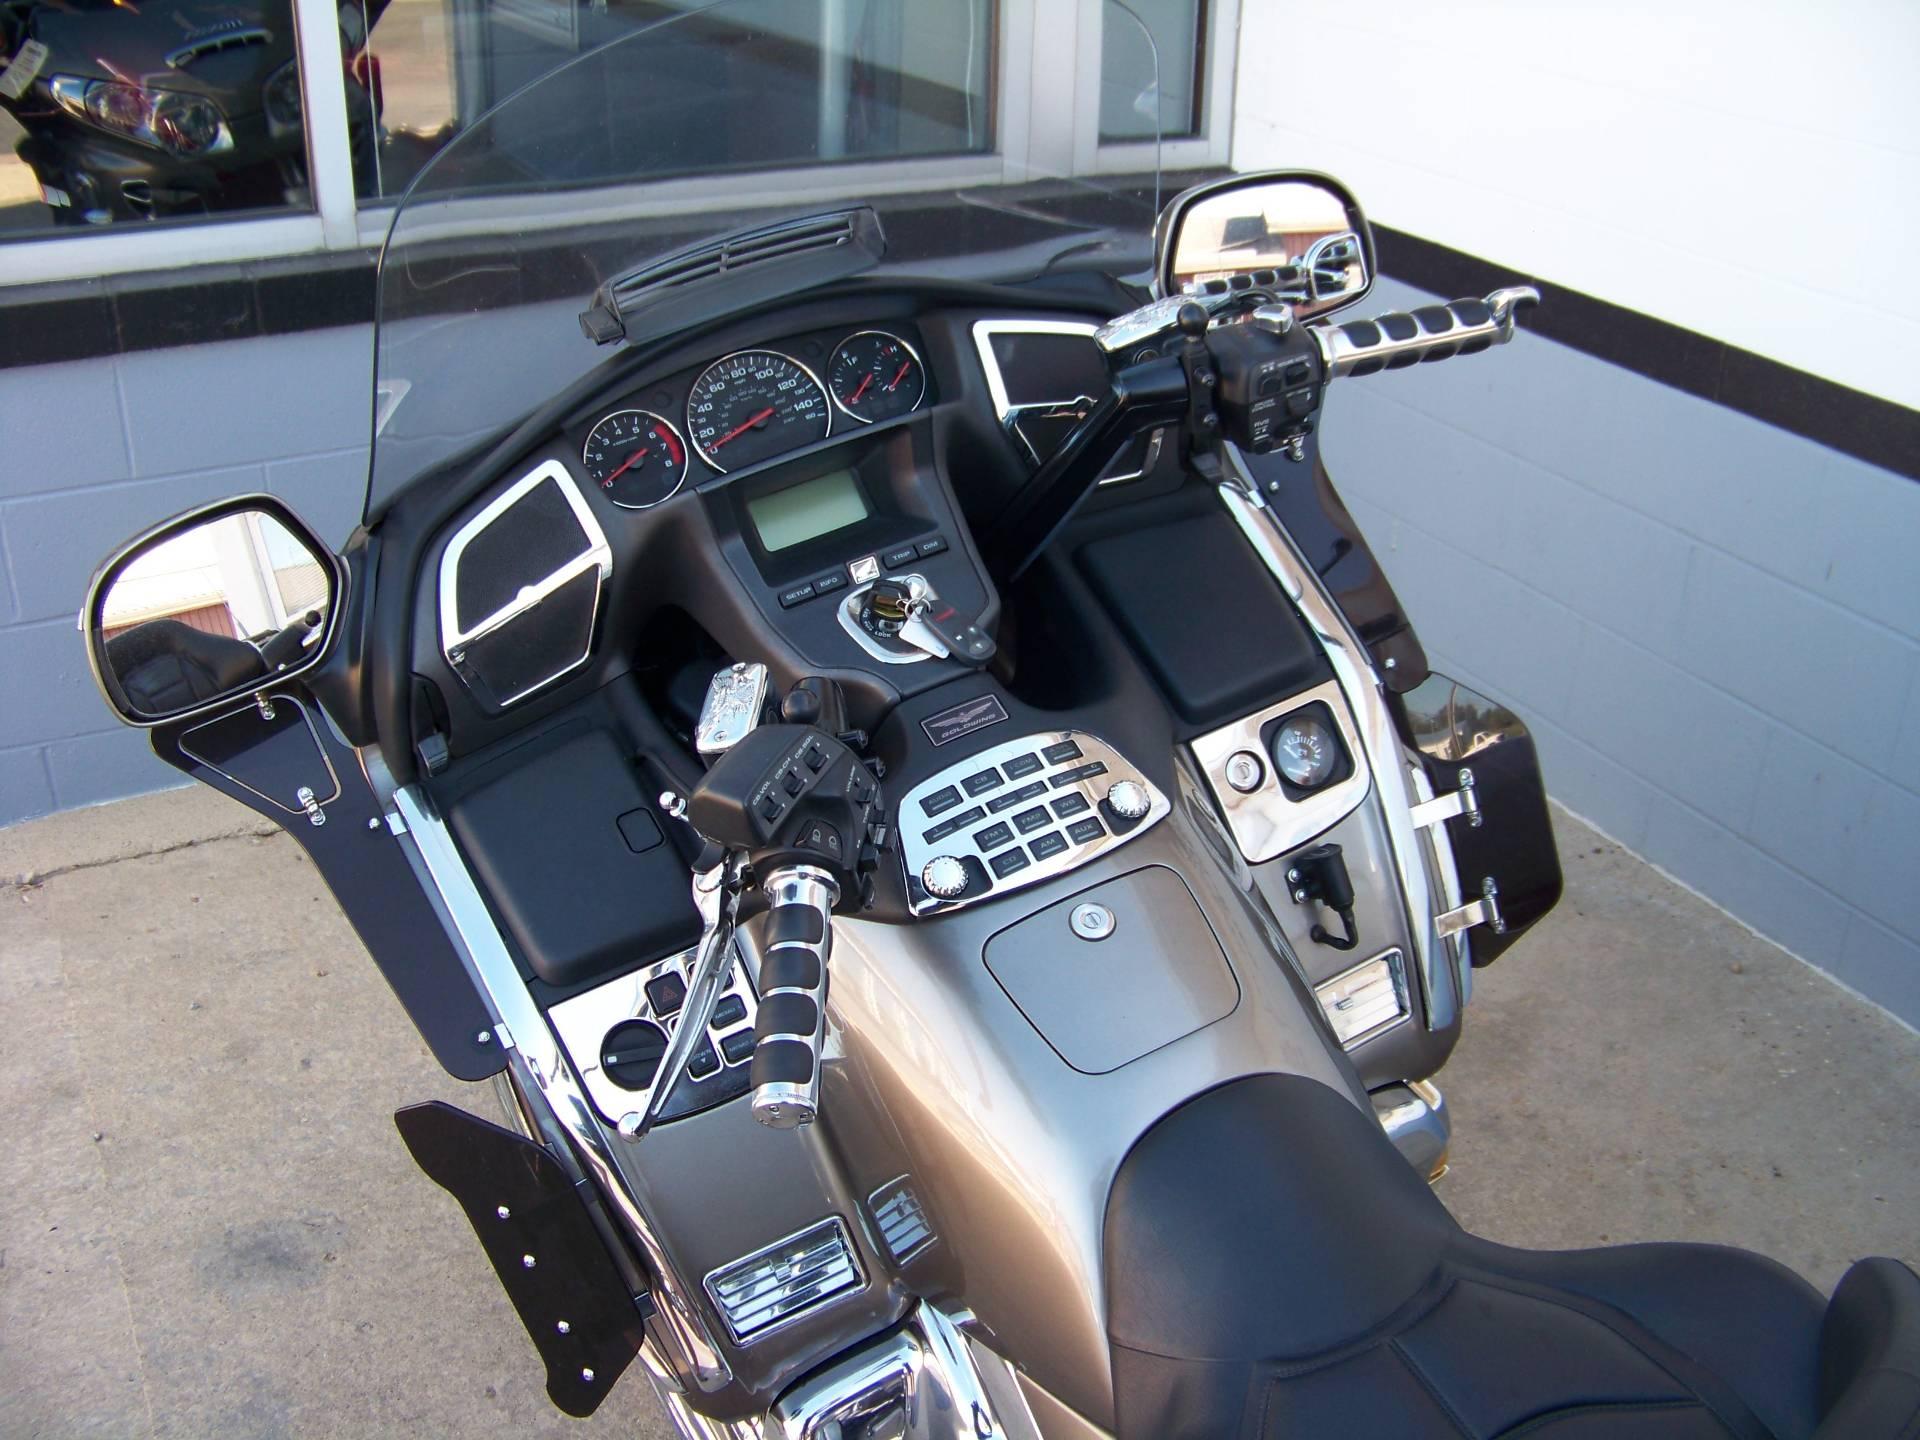 2006 Honda Gold Wing Premium Audio 5